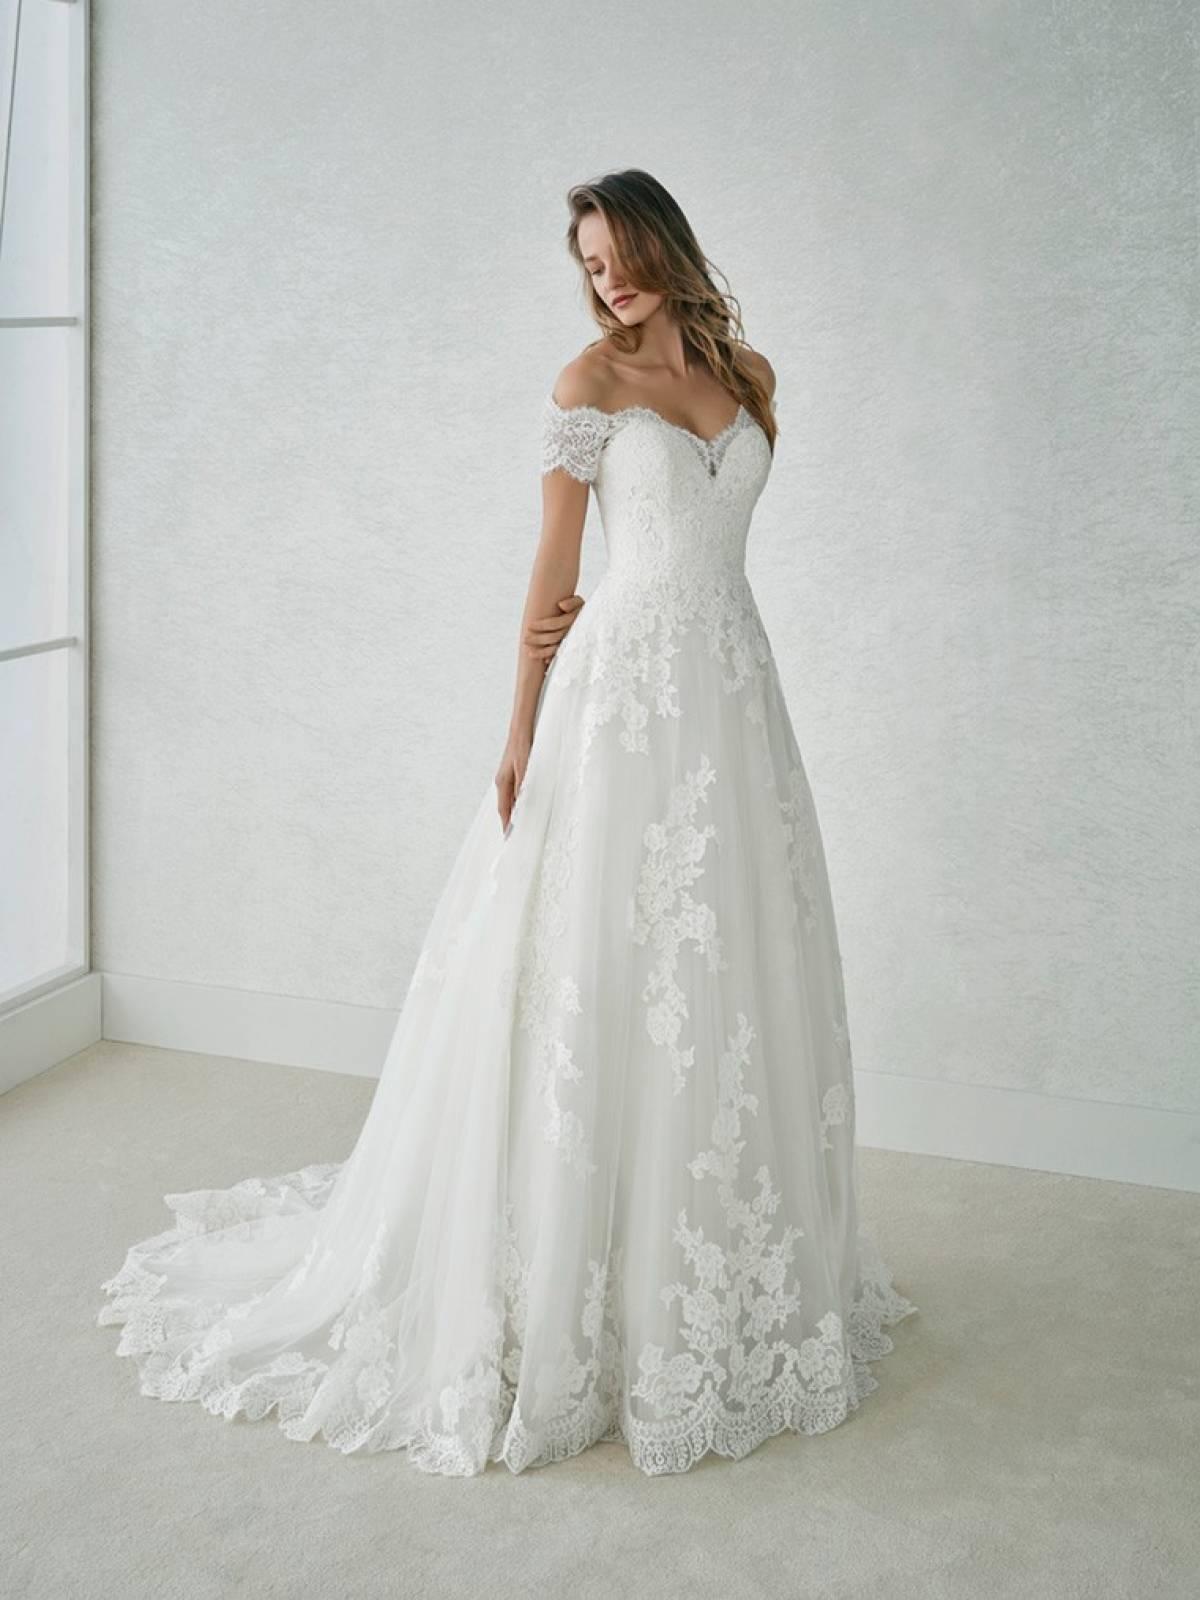 Tiendas vestidos boda huelva